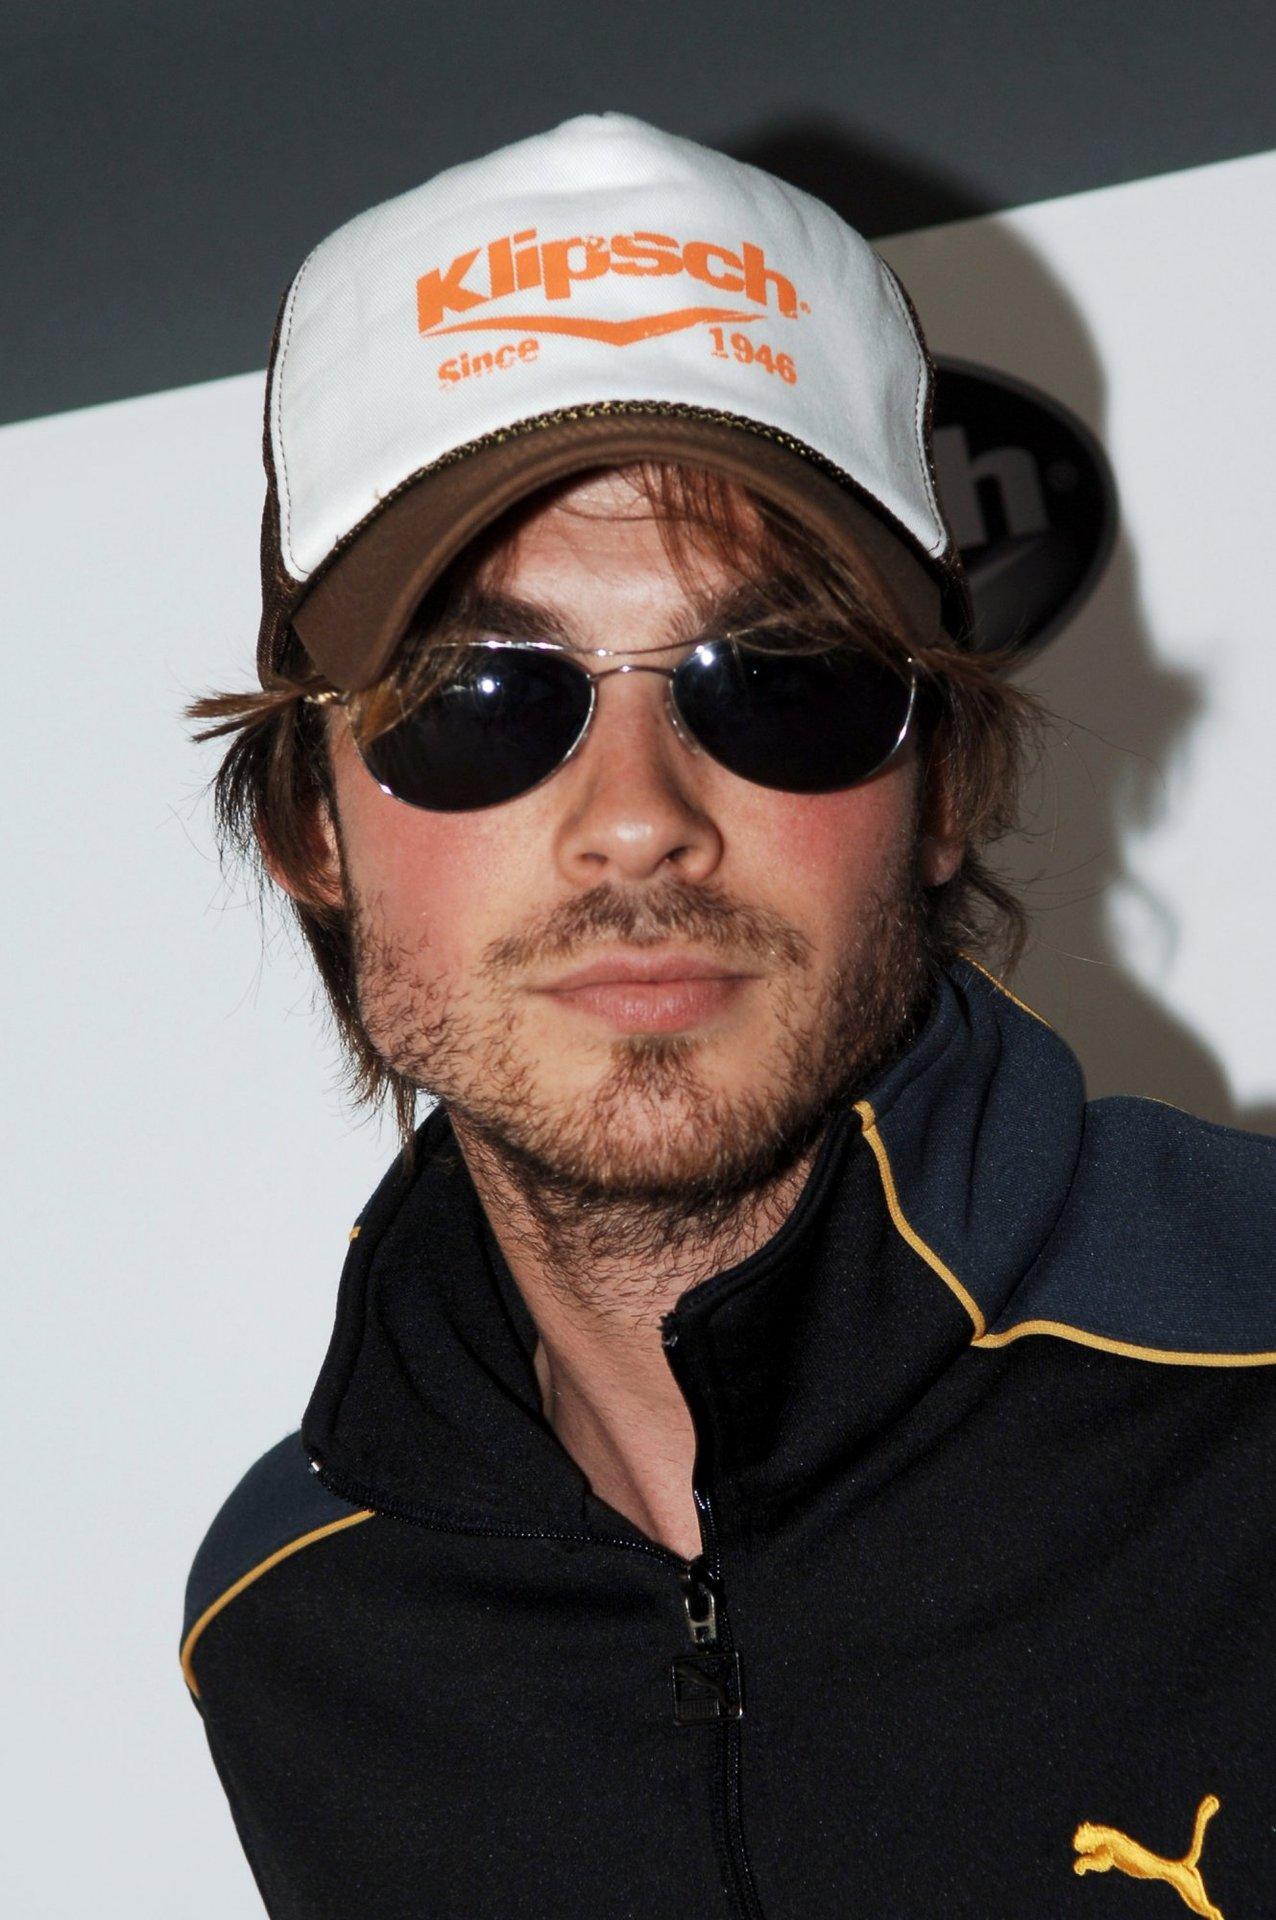 Ian sunglasses.jpg